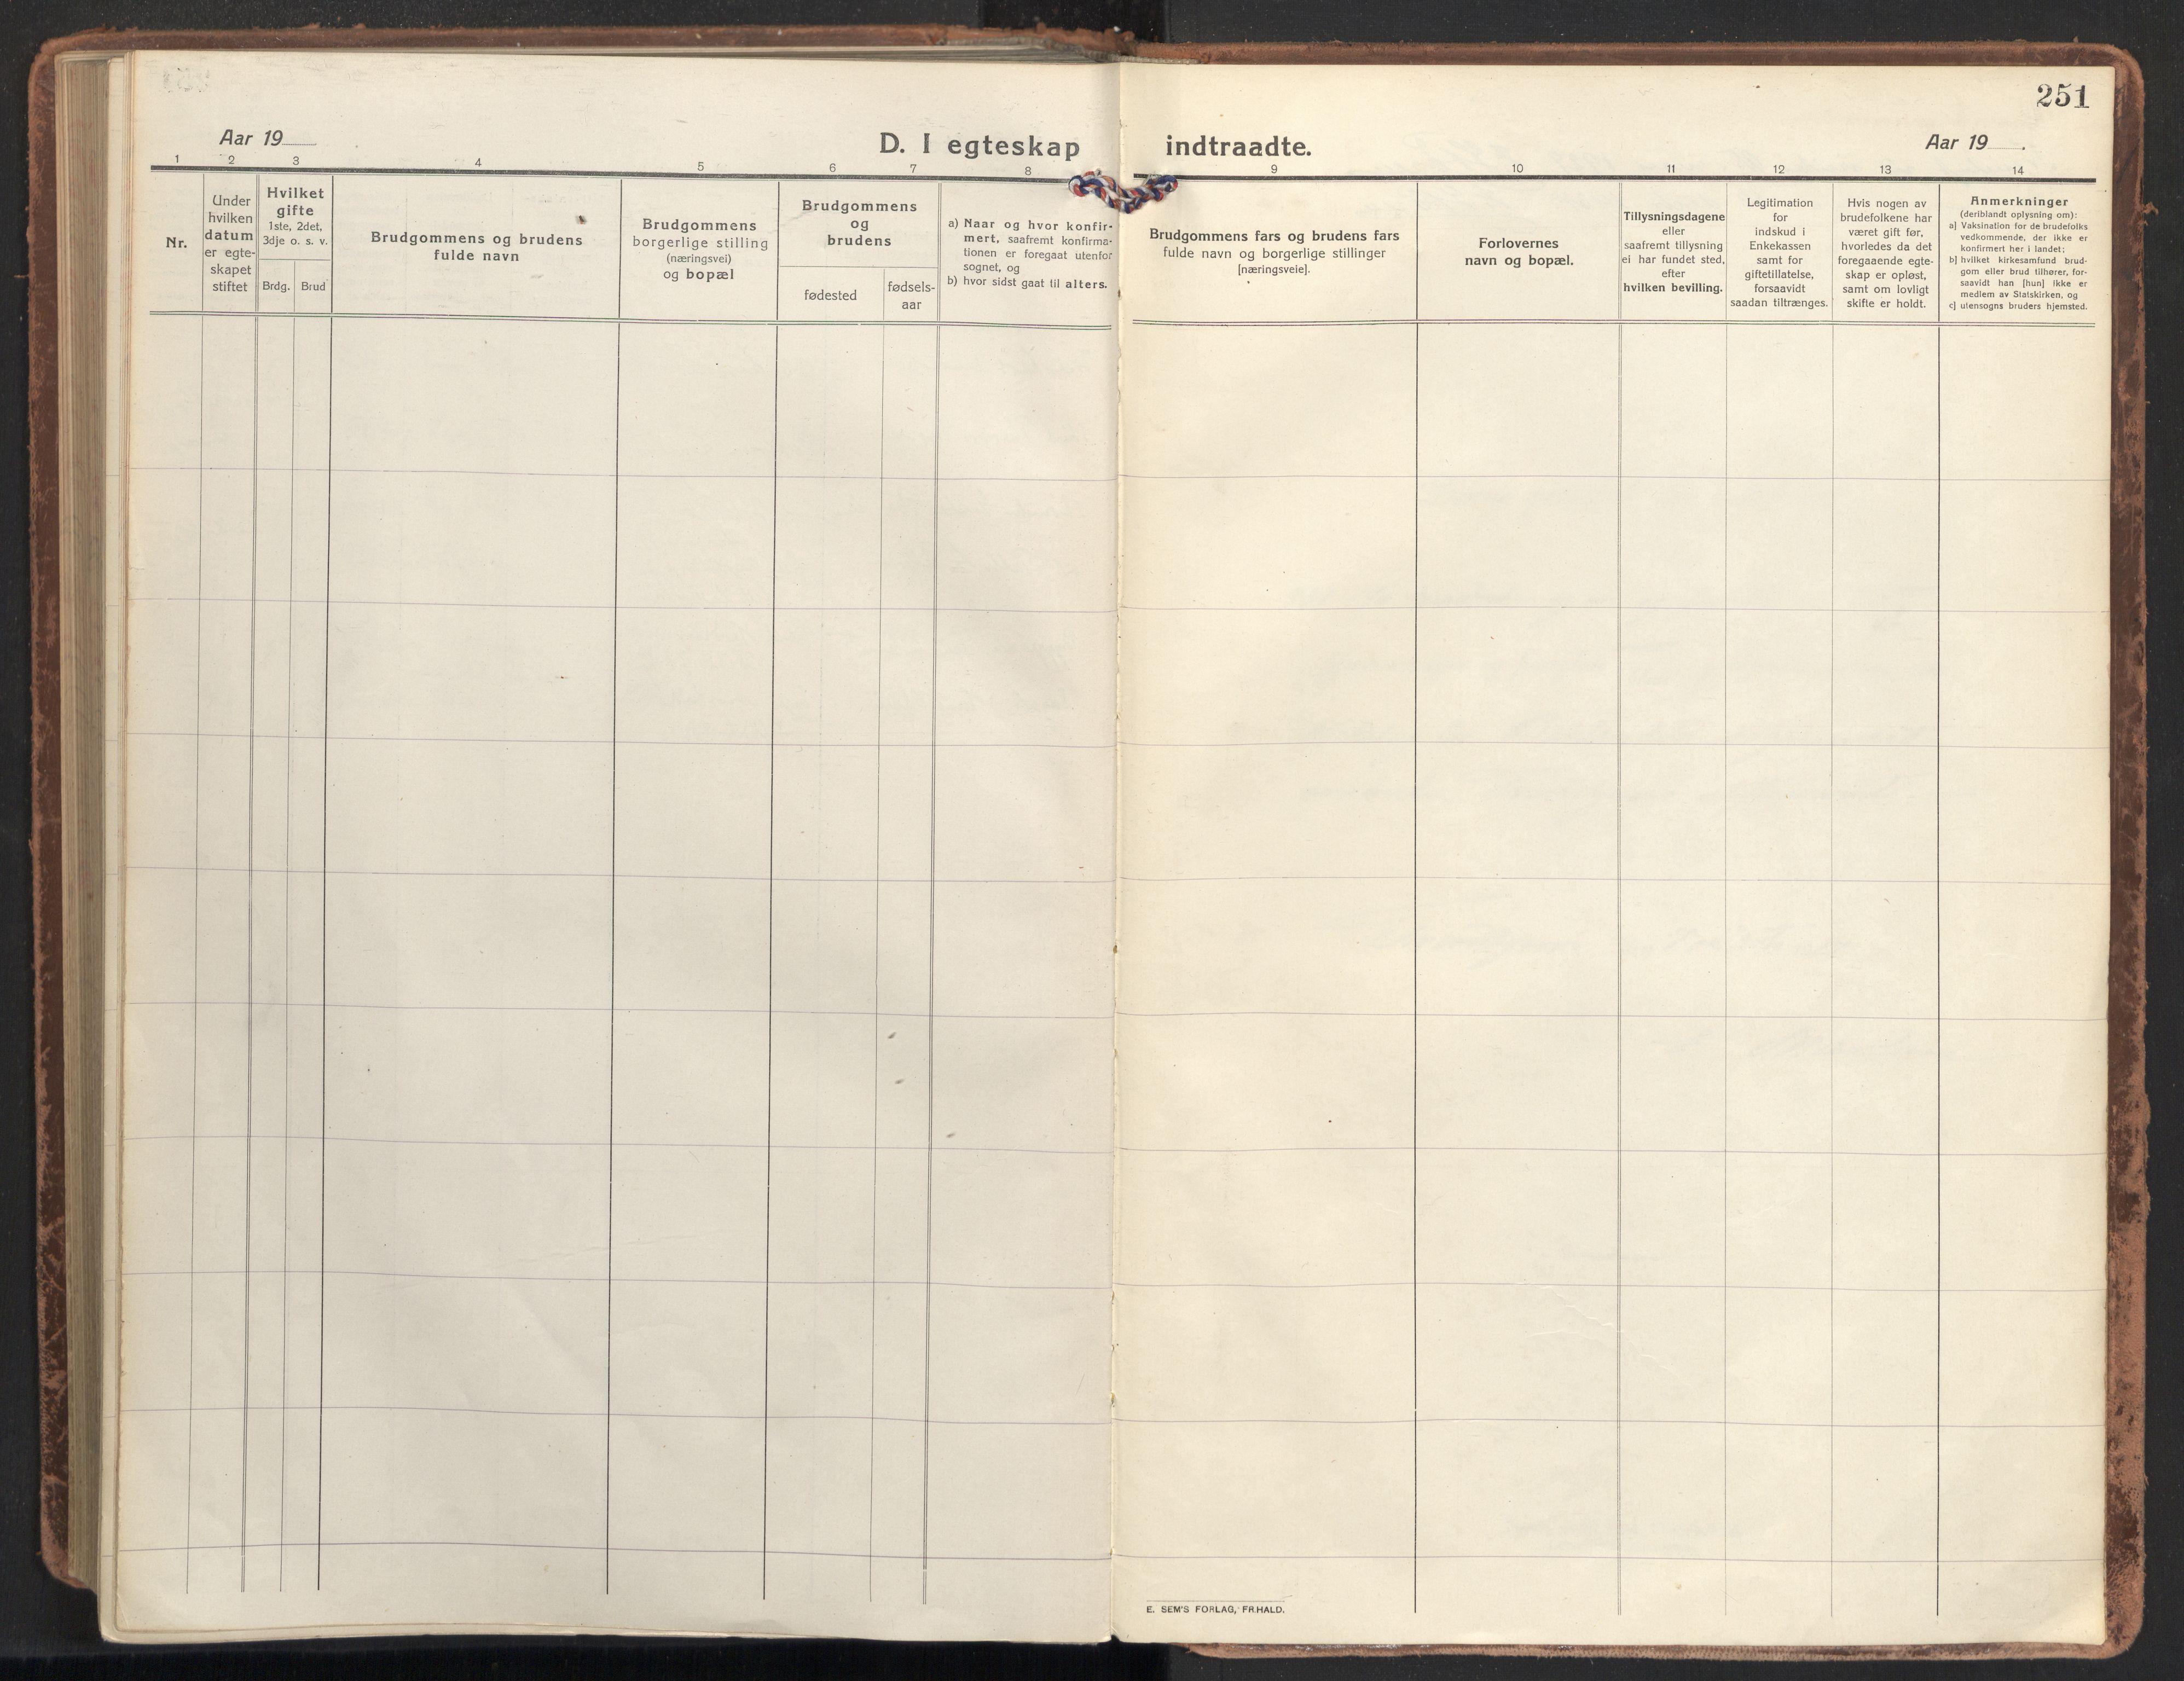 SAT, Ministerialprotokoller, klokkerbøker og fødselsregistre - Sør-Trøndelag, 604/L0206: Ministerialbok nr. 604A26, 1917-1931, s. 251